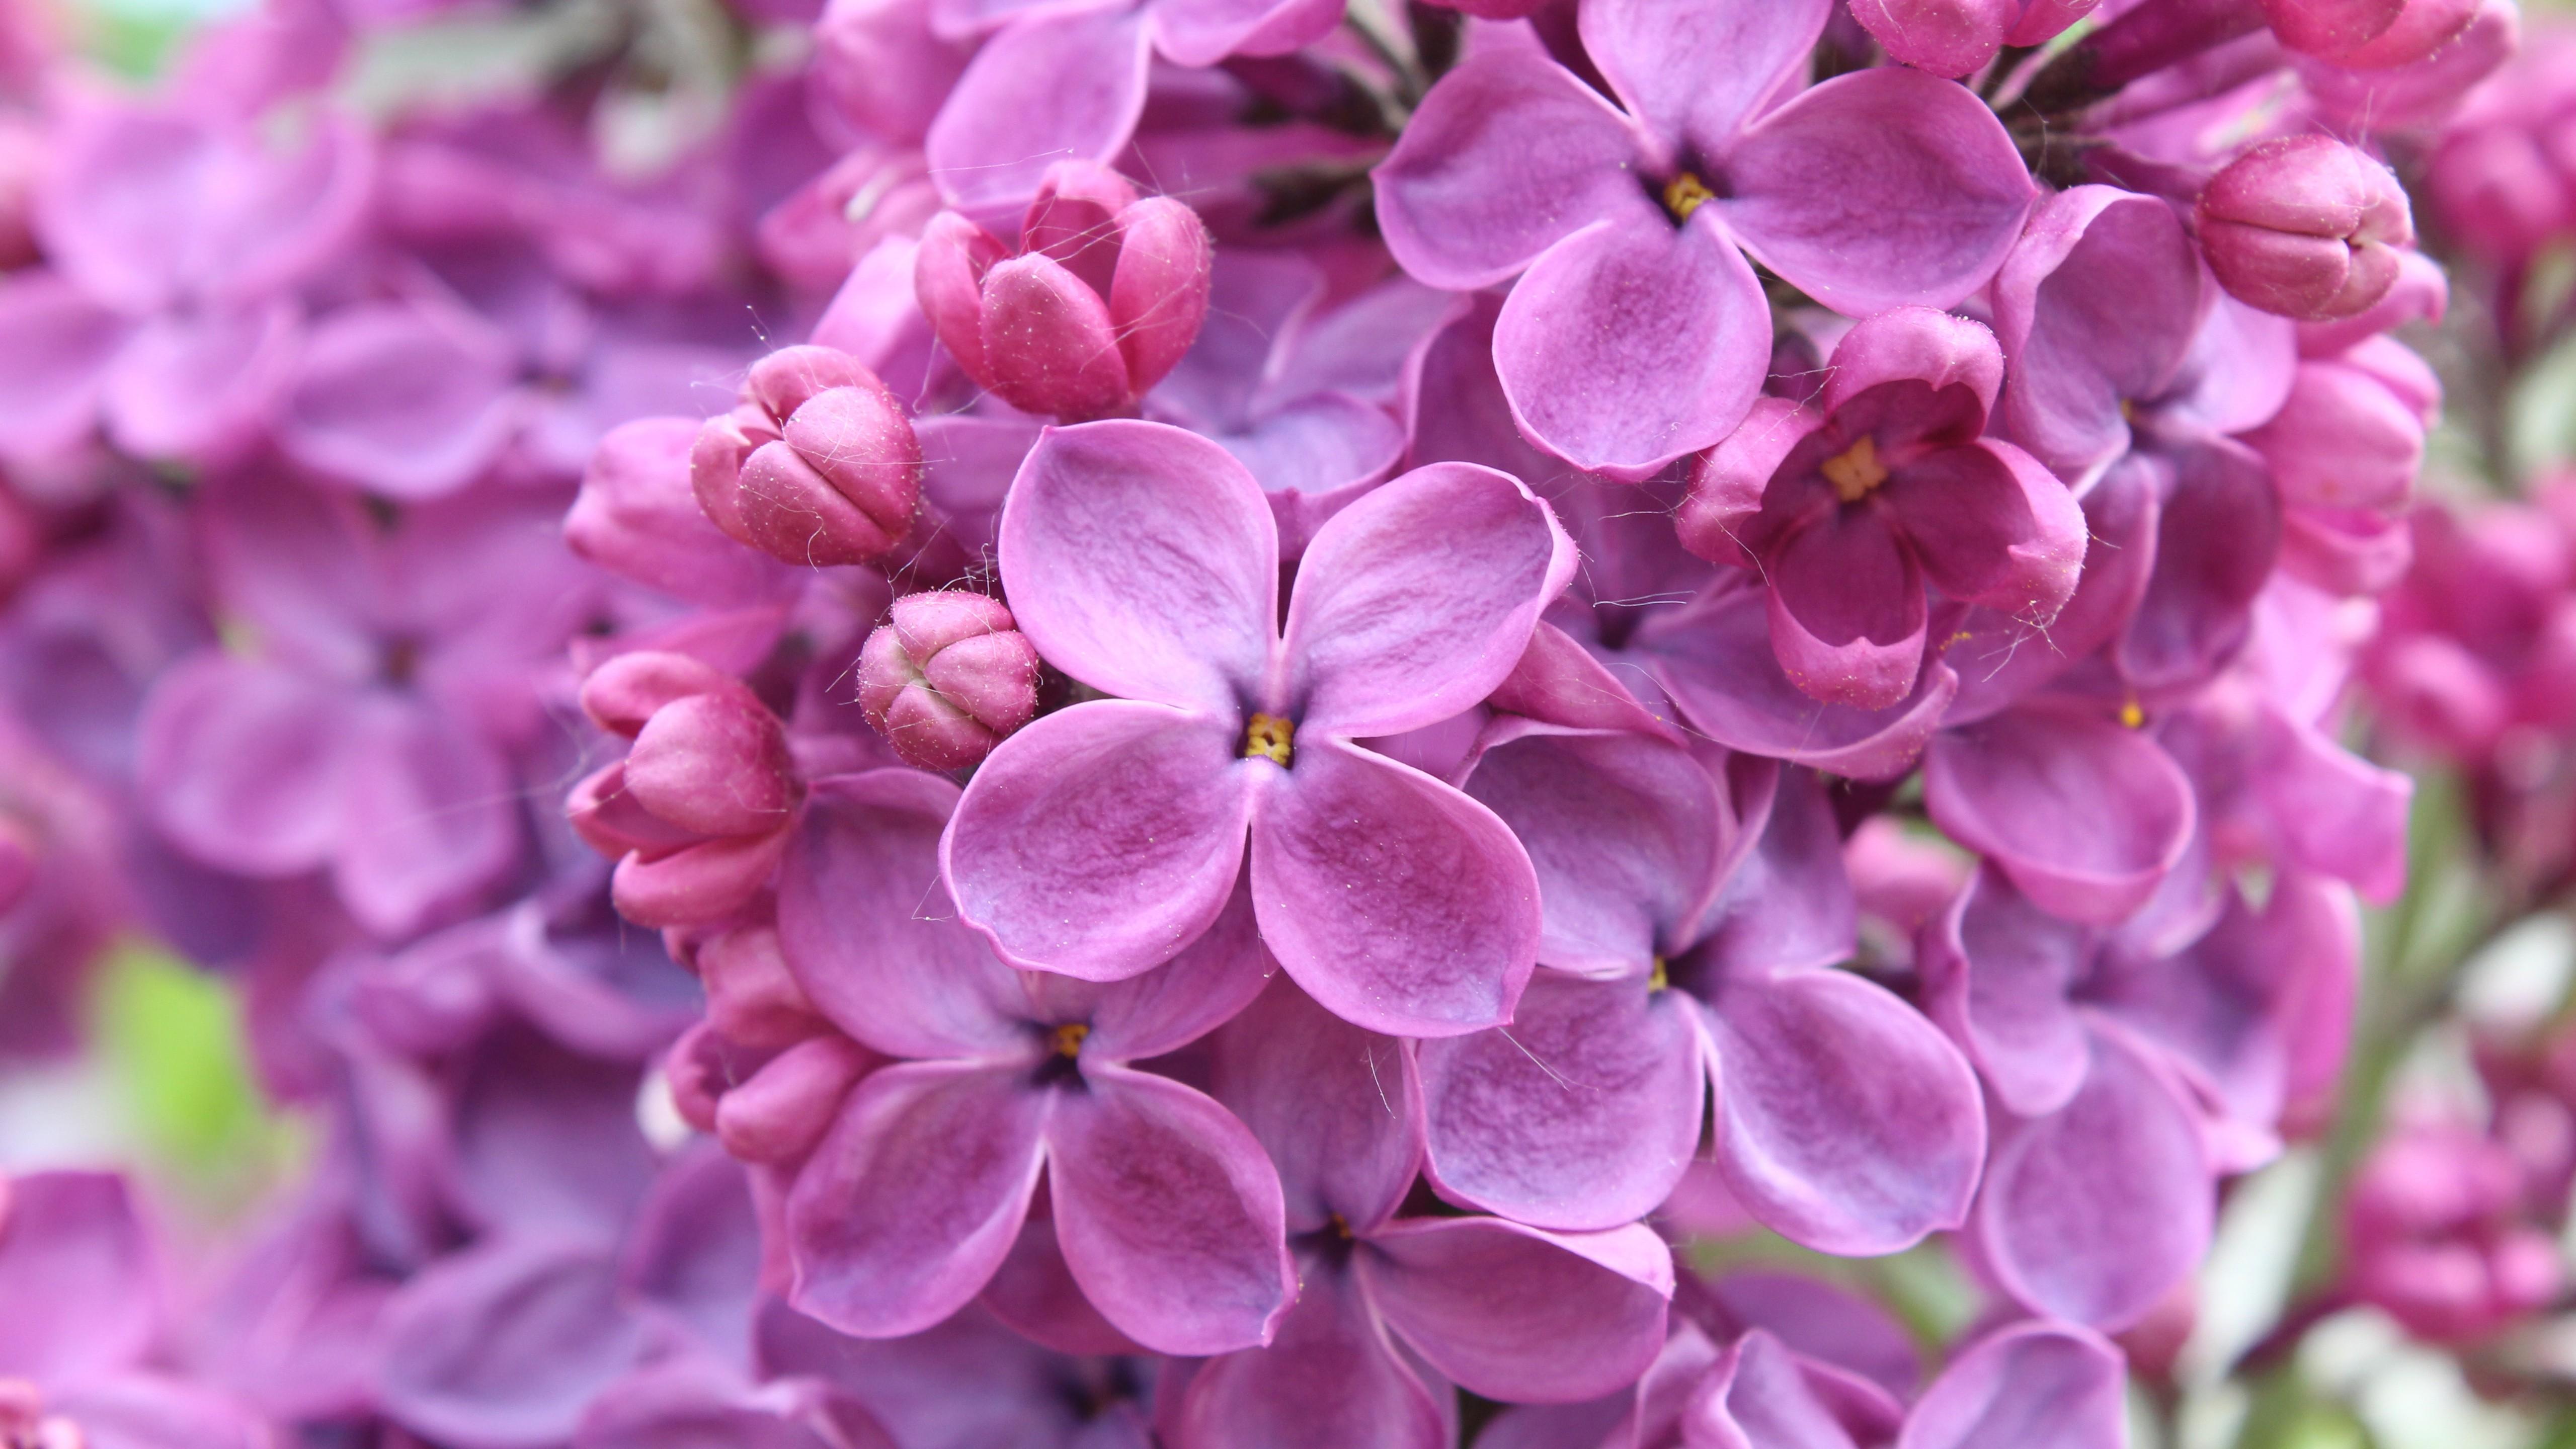 цветы картинки красивые большие размеры борьба велась между